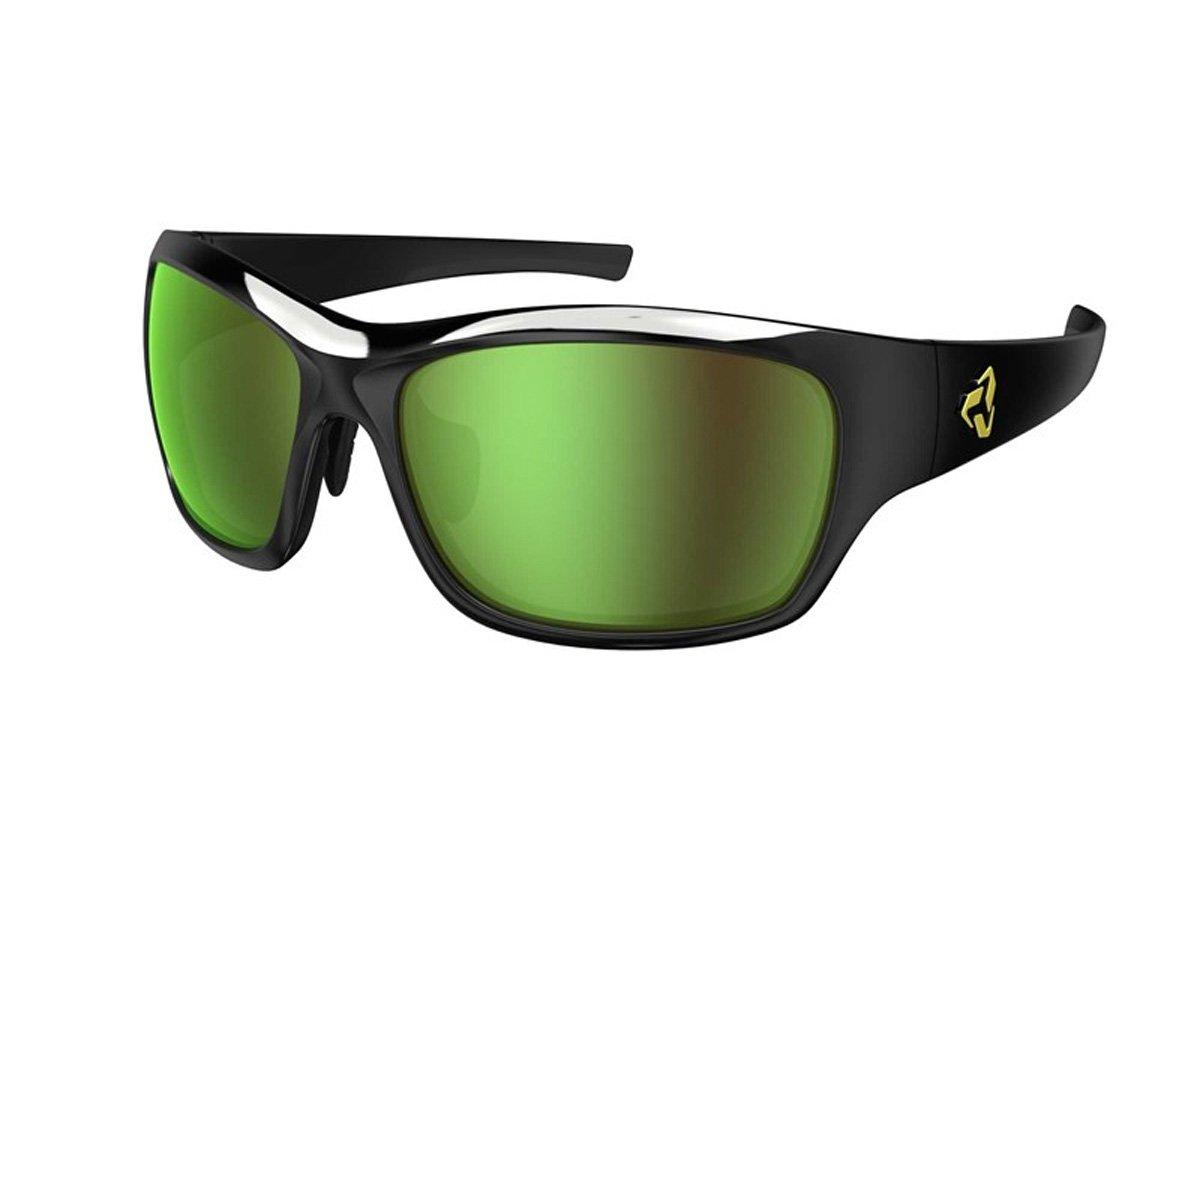 Ryders Eyewear Khyber偏光サングラス B01MYGL2Z2 ブラック, car電倶楽部 08a3175c